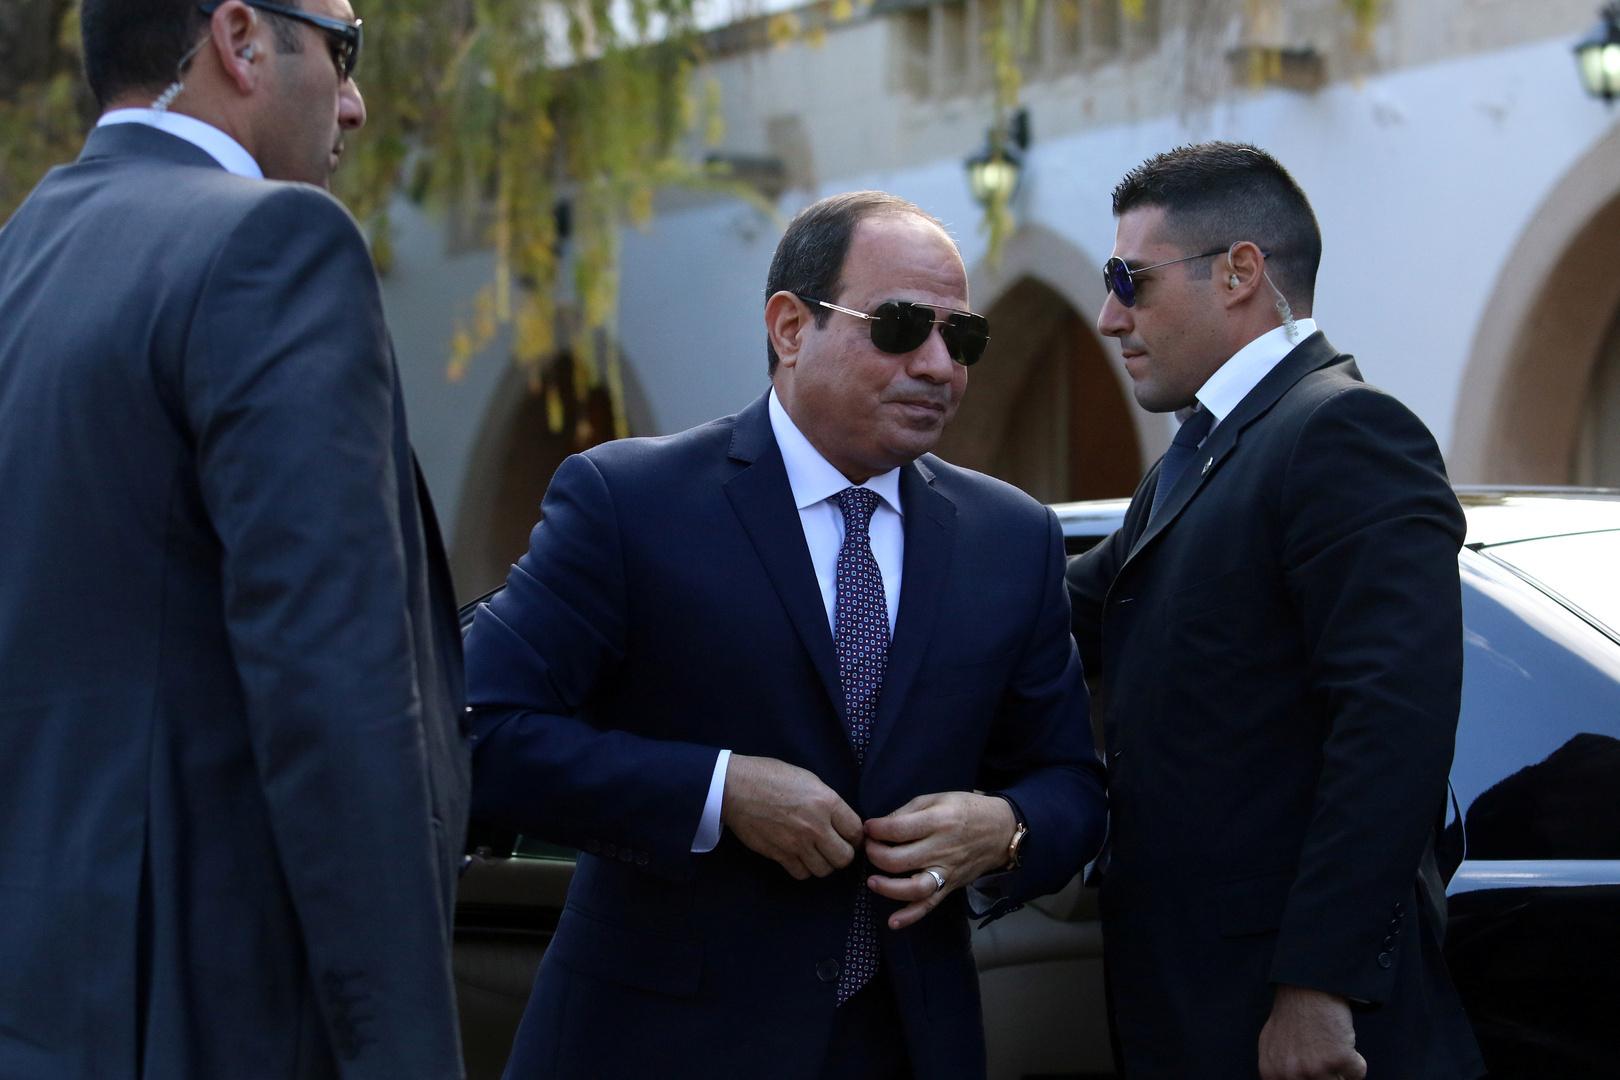 السيسي يفتتح أحد أكبر مدن الدواء في الشرق الأوسط بمصر